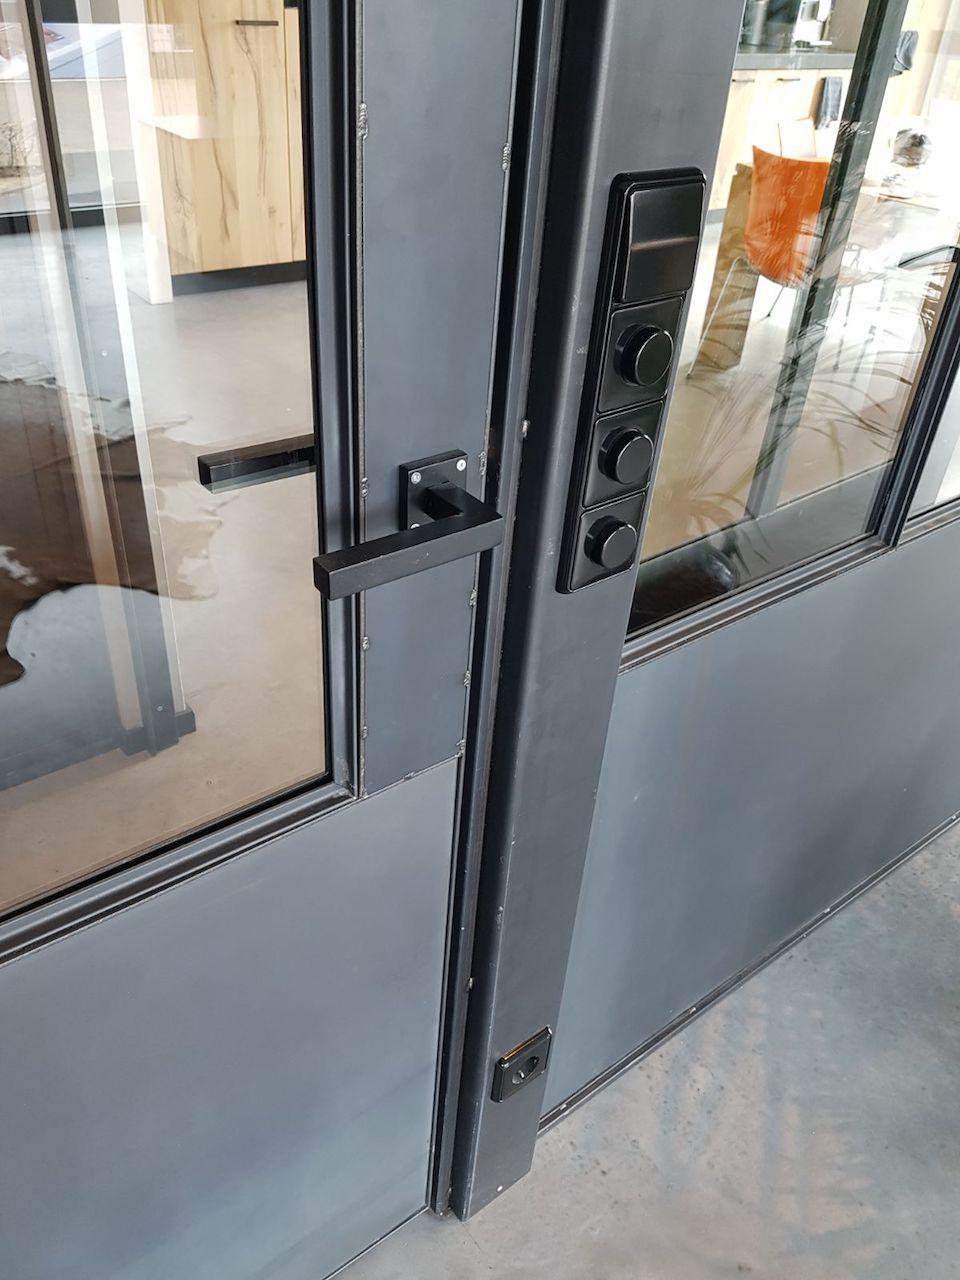 Stalen deur met stalen deurbeslag bij scheidingswand in kantoorruimte